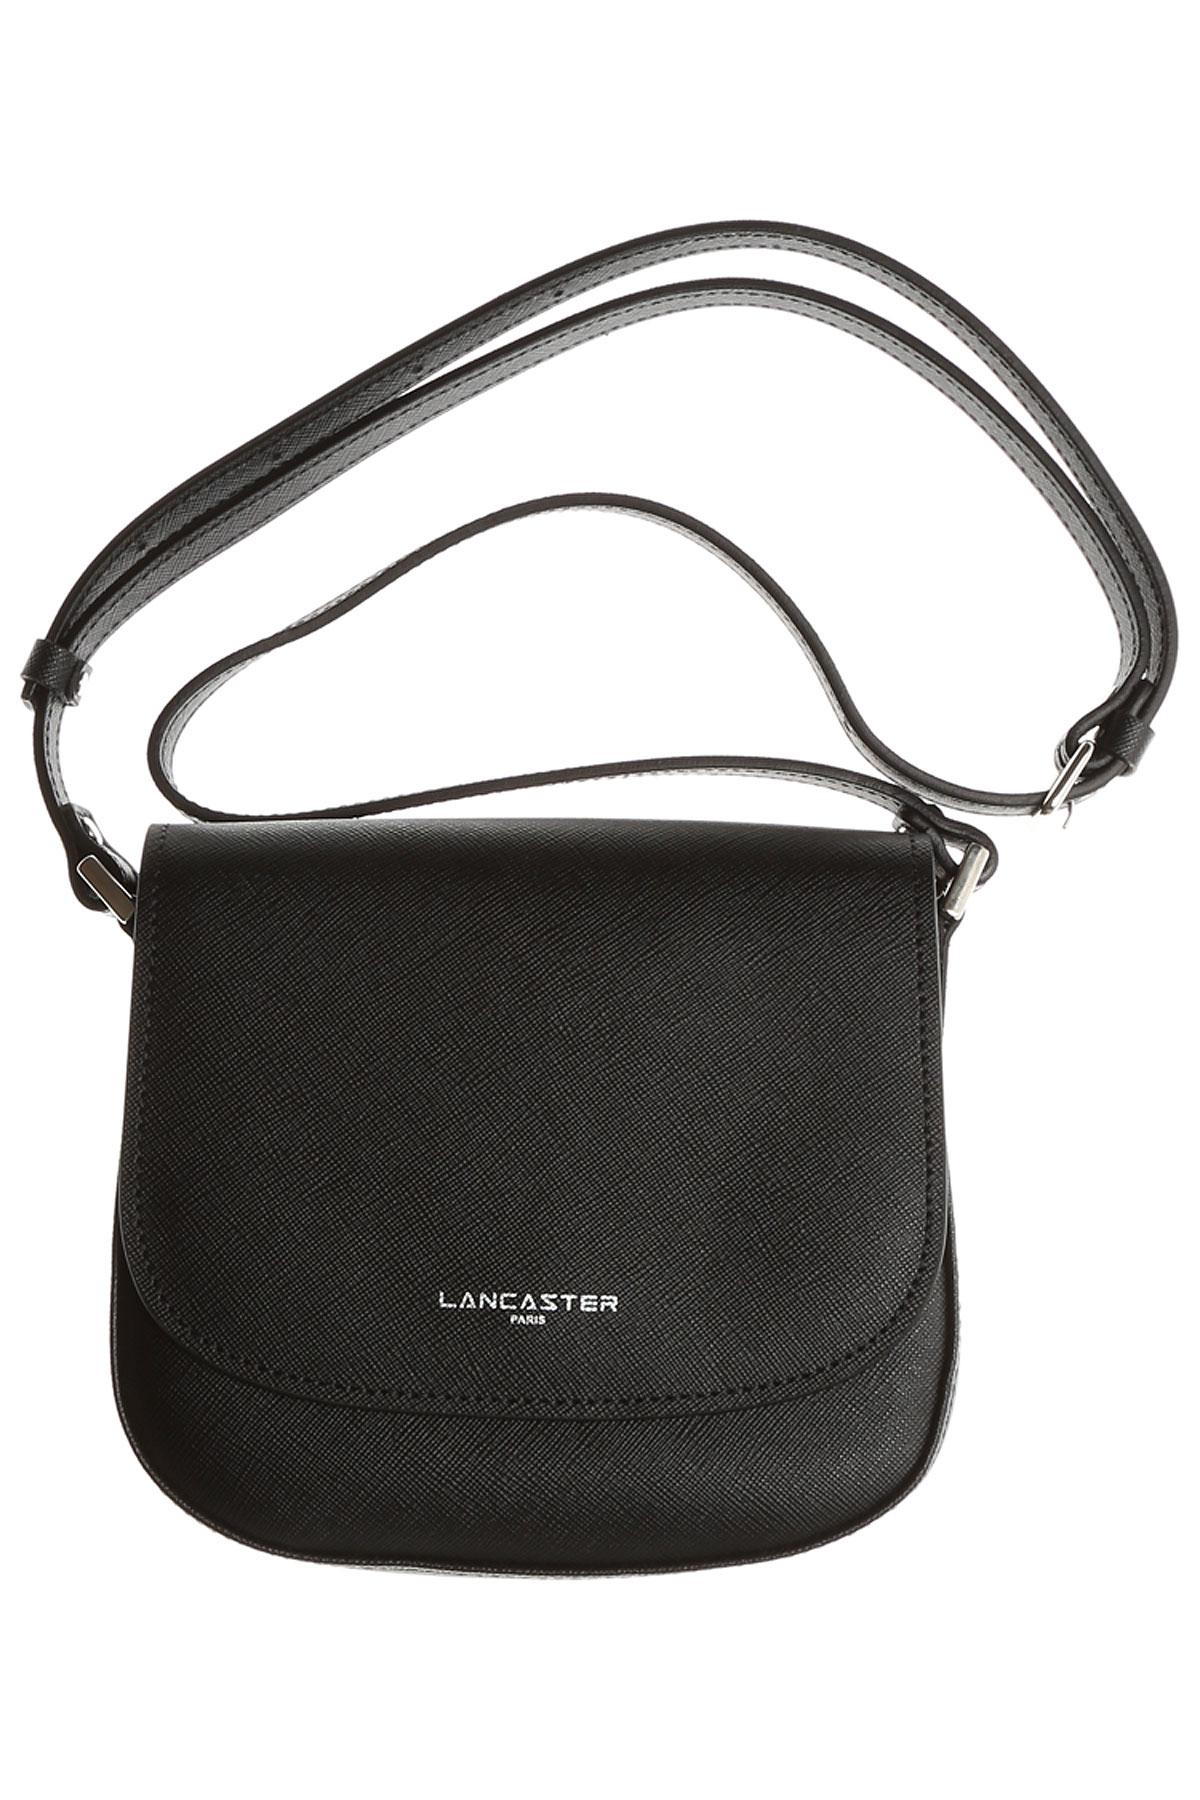 Image of Lancaster Shoulder Bag for Women, Black, Leather, 2017